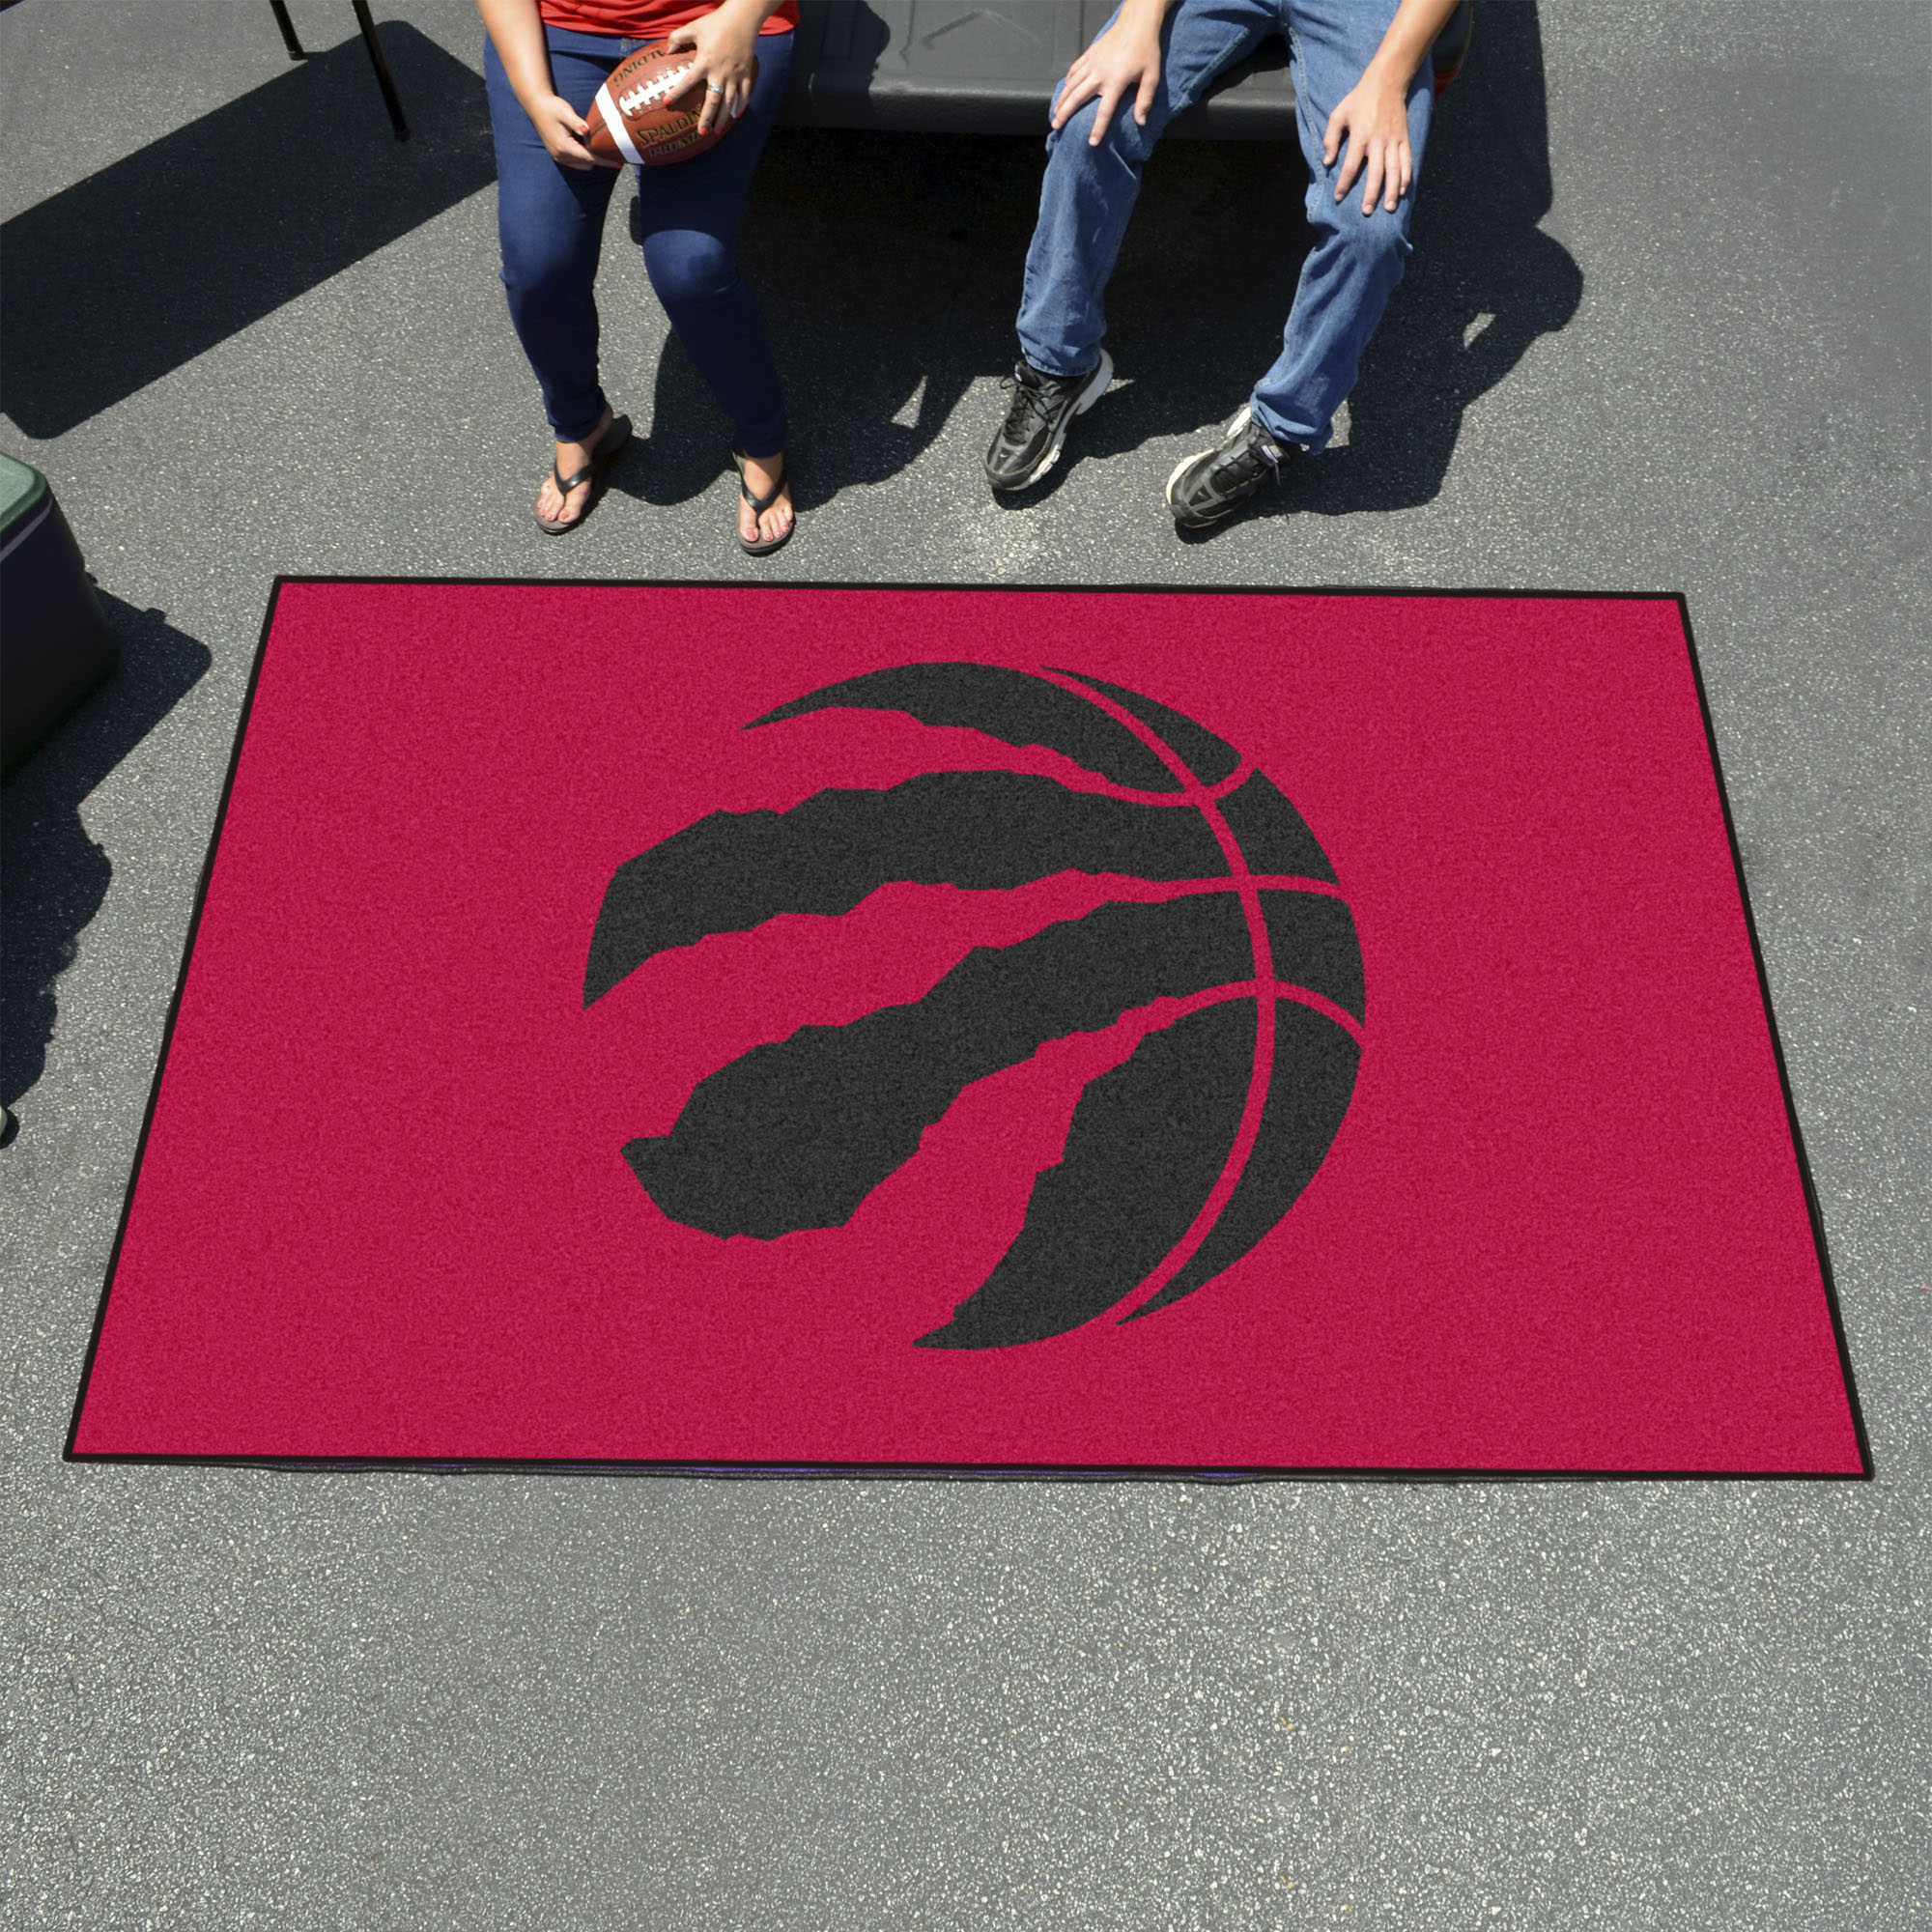 Buy Toronto Raptors Merchandise At The Toronto Raptors